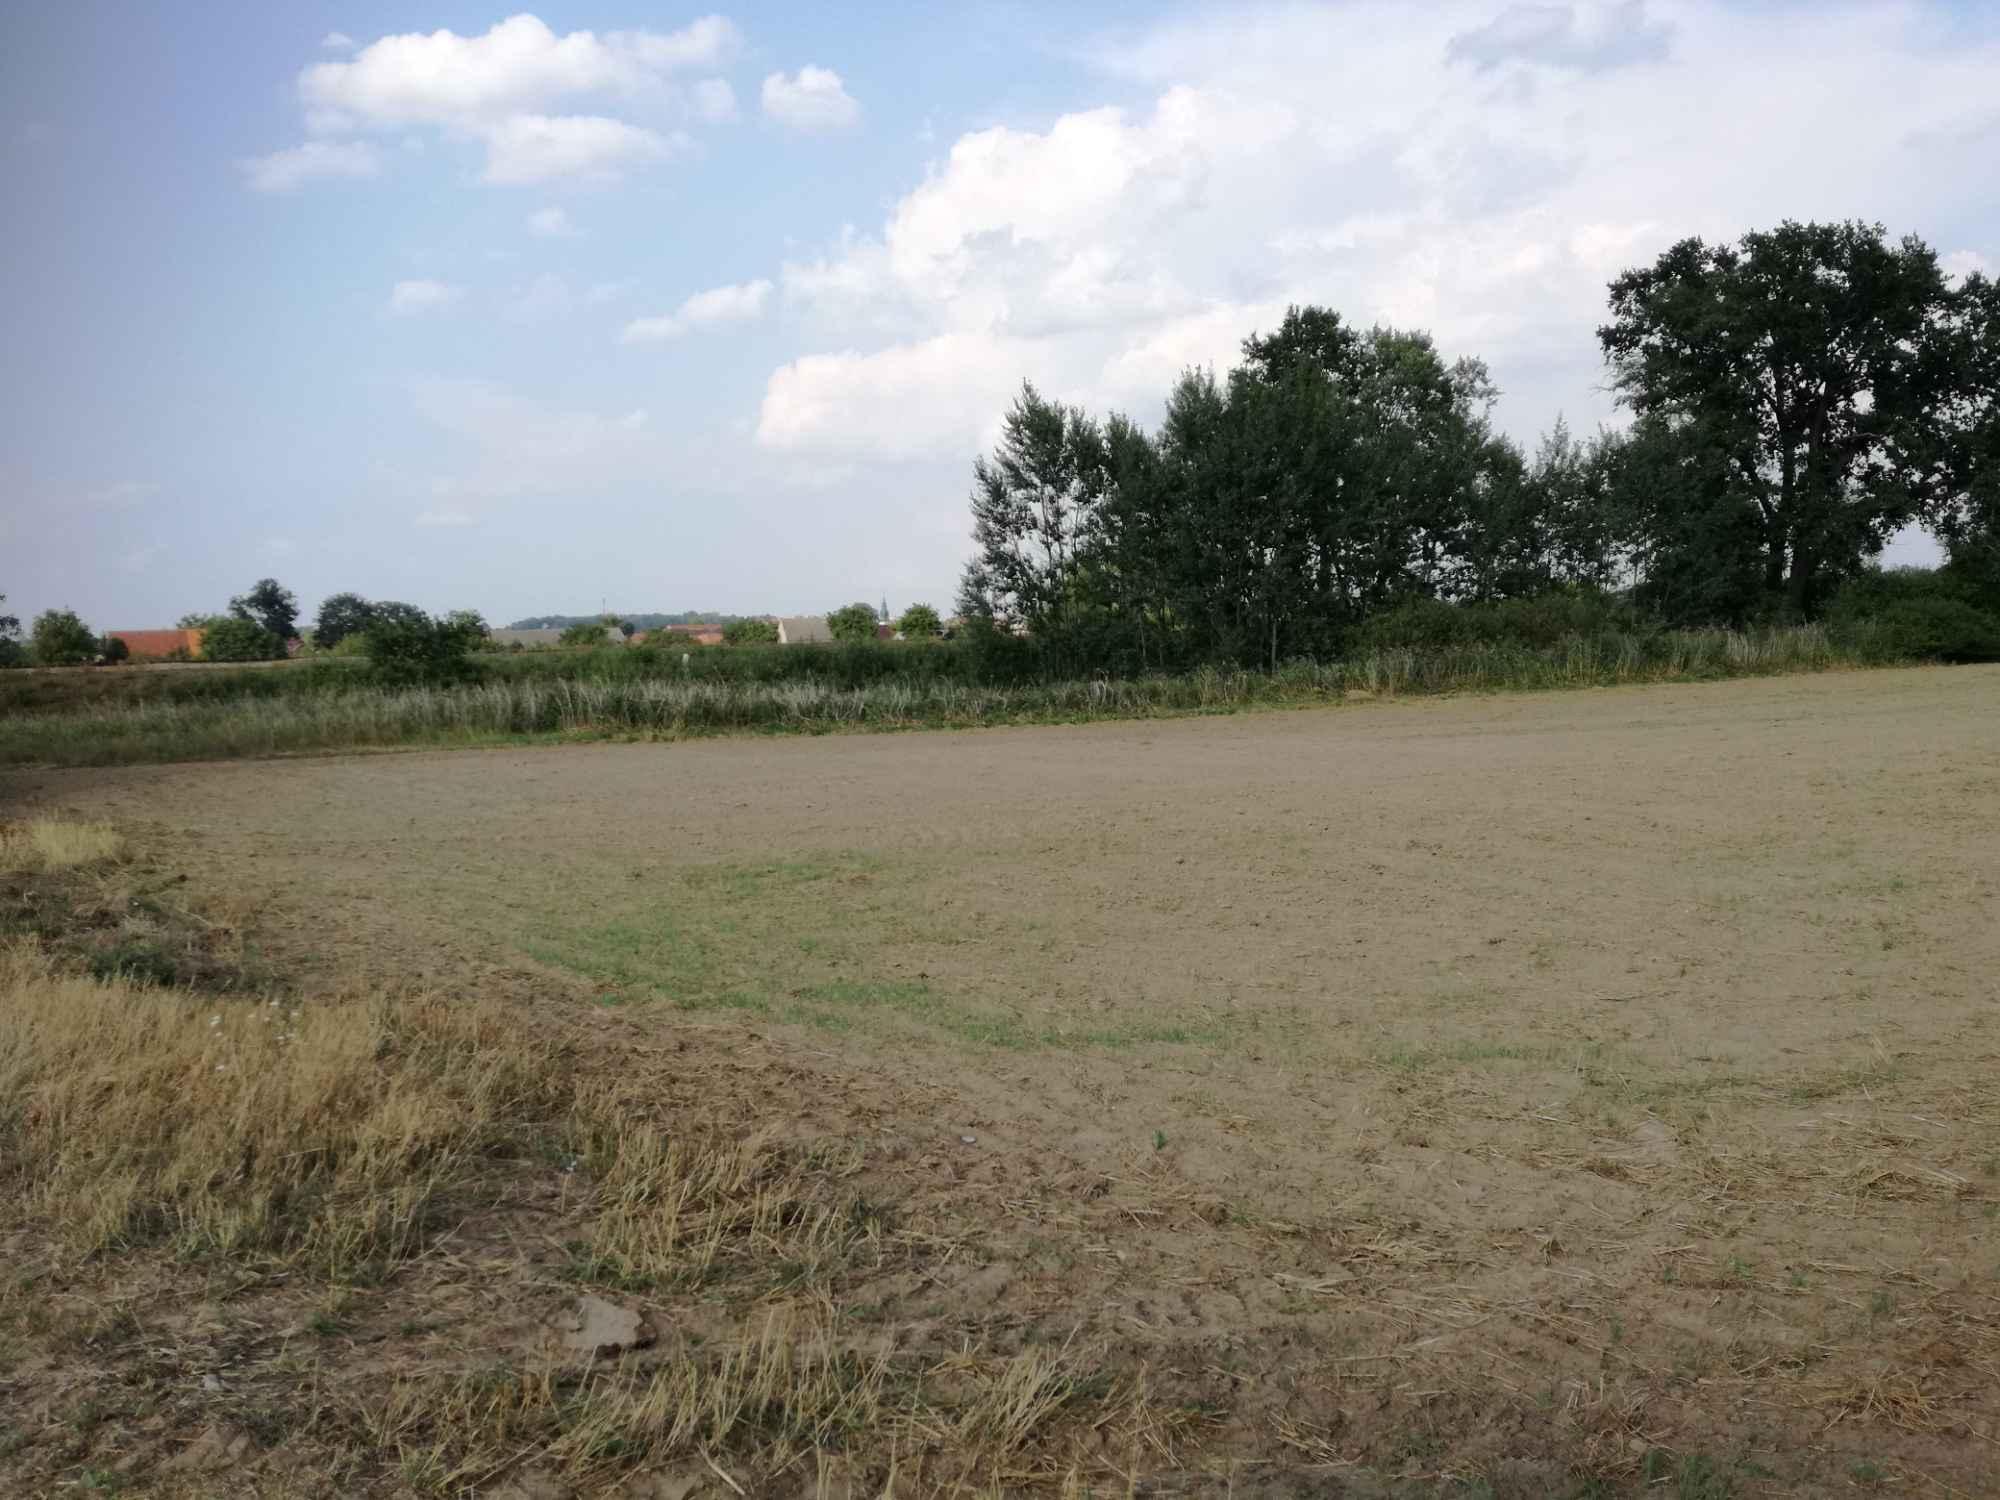 Działka rolna 2,58 ha + łąka 0.89 ha Krosno Odrzańskie - zdjęcie 4